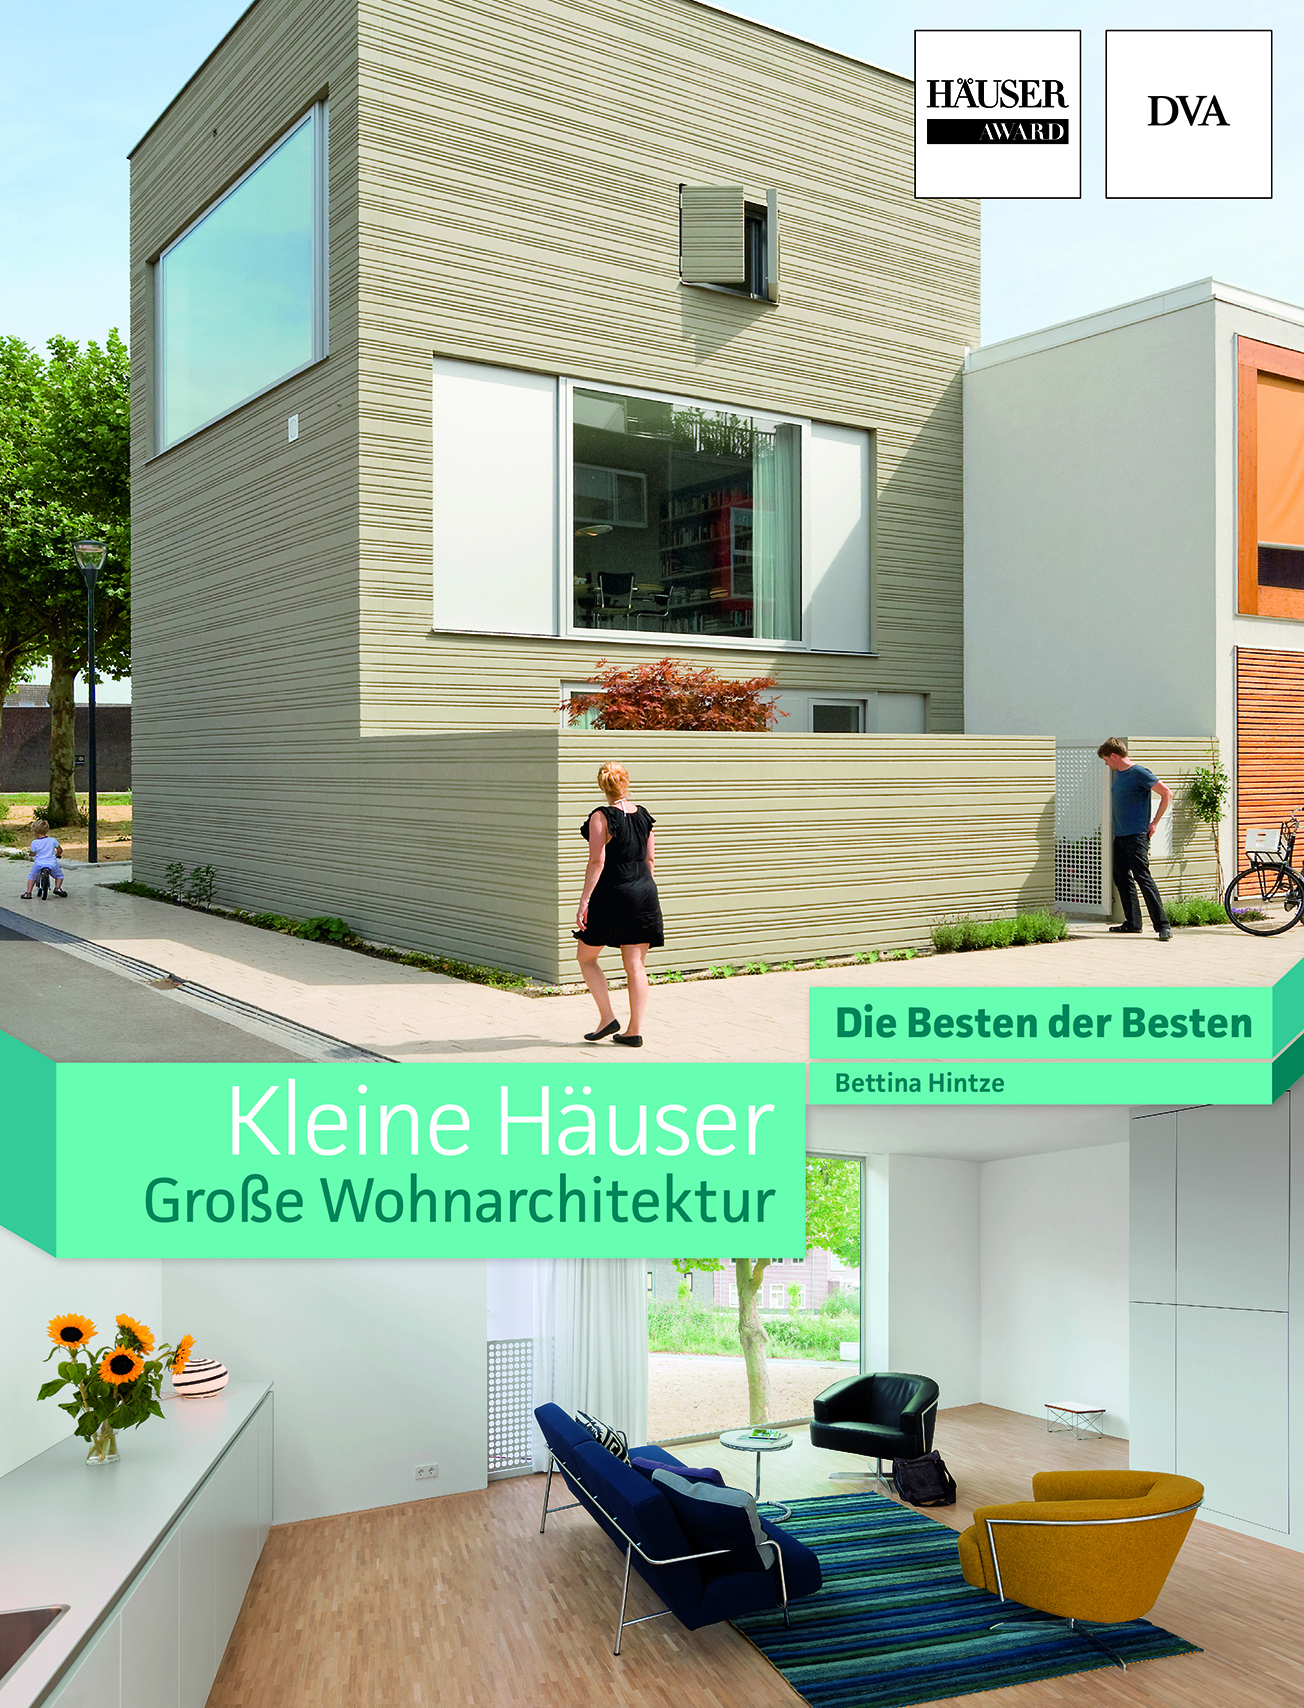 Kleine Häuser - Die Besten der Besten   arcs architekten